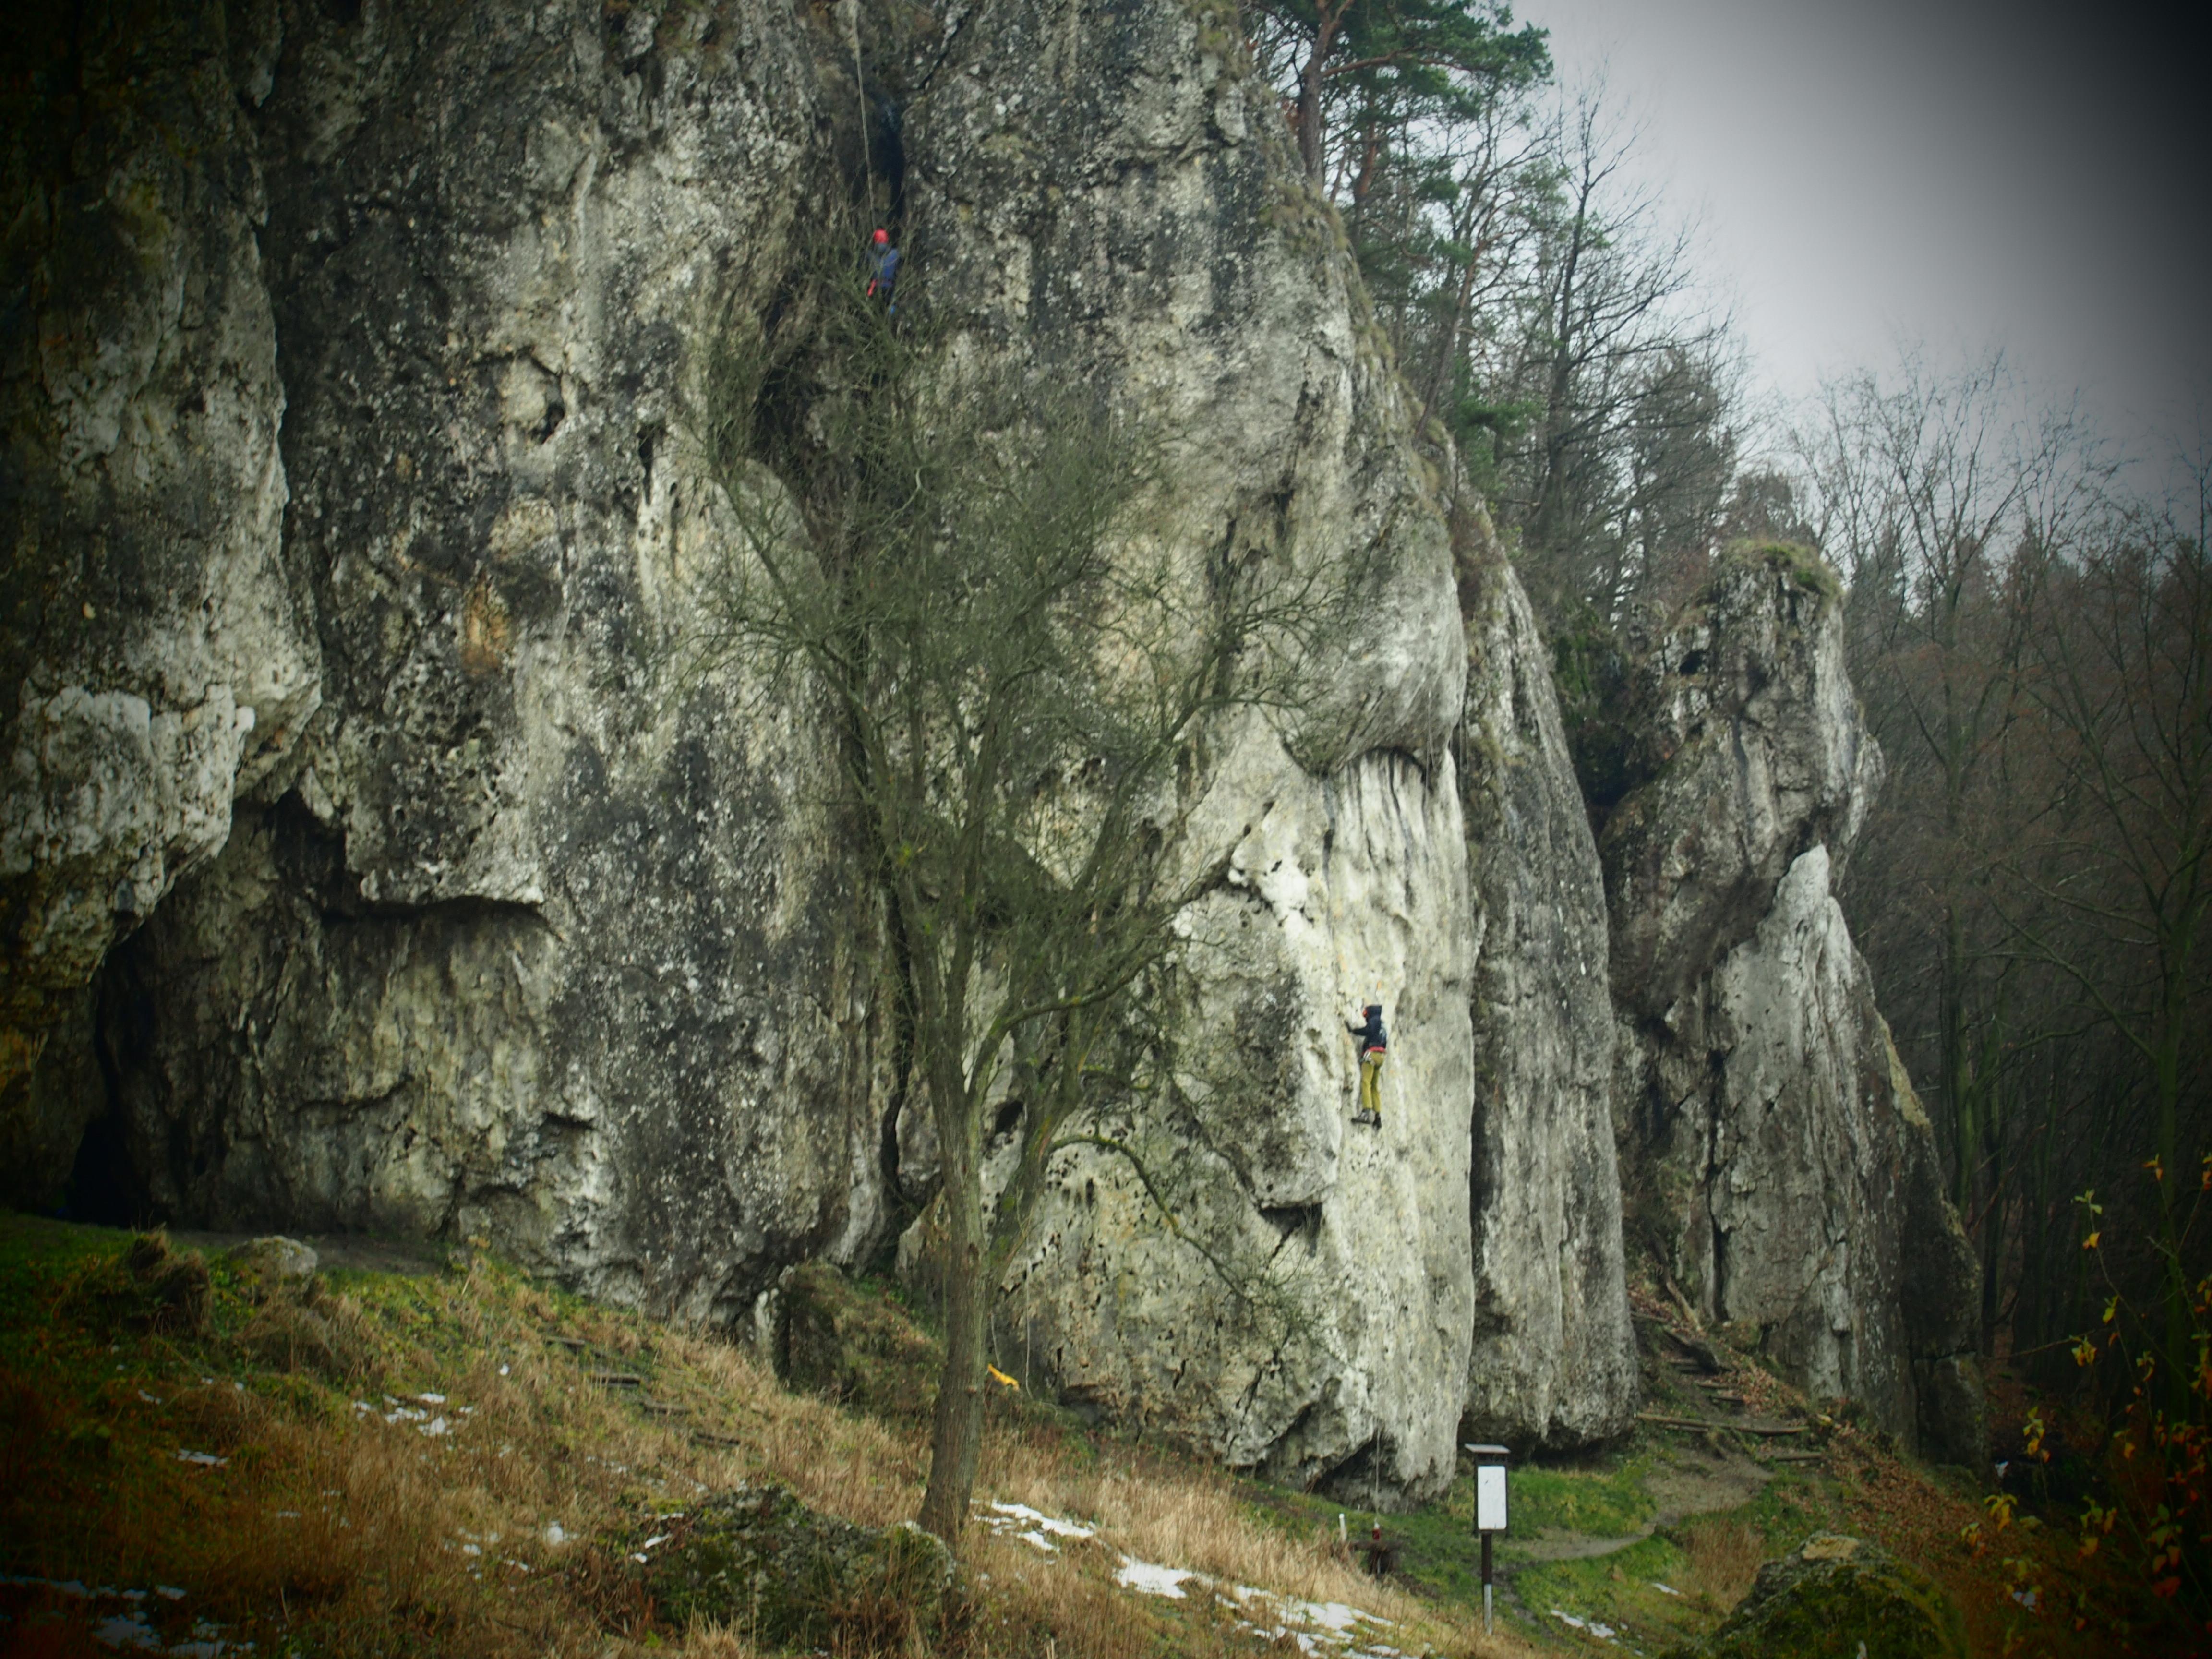 Skała Łabajowa ze wspinającą się osobą